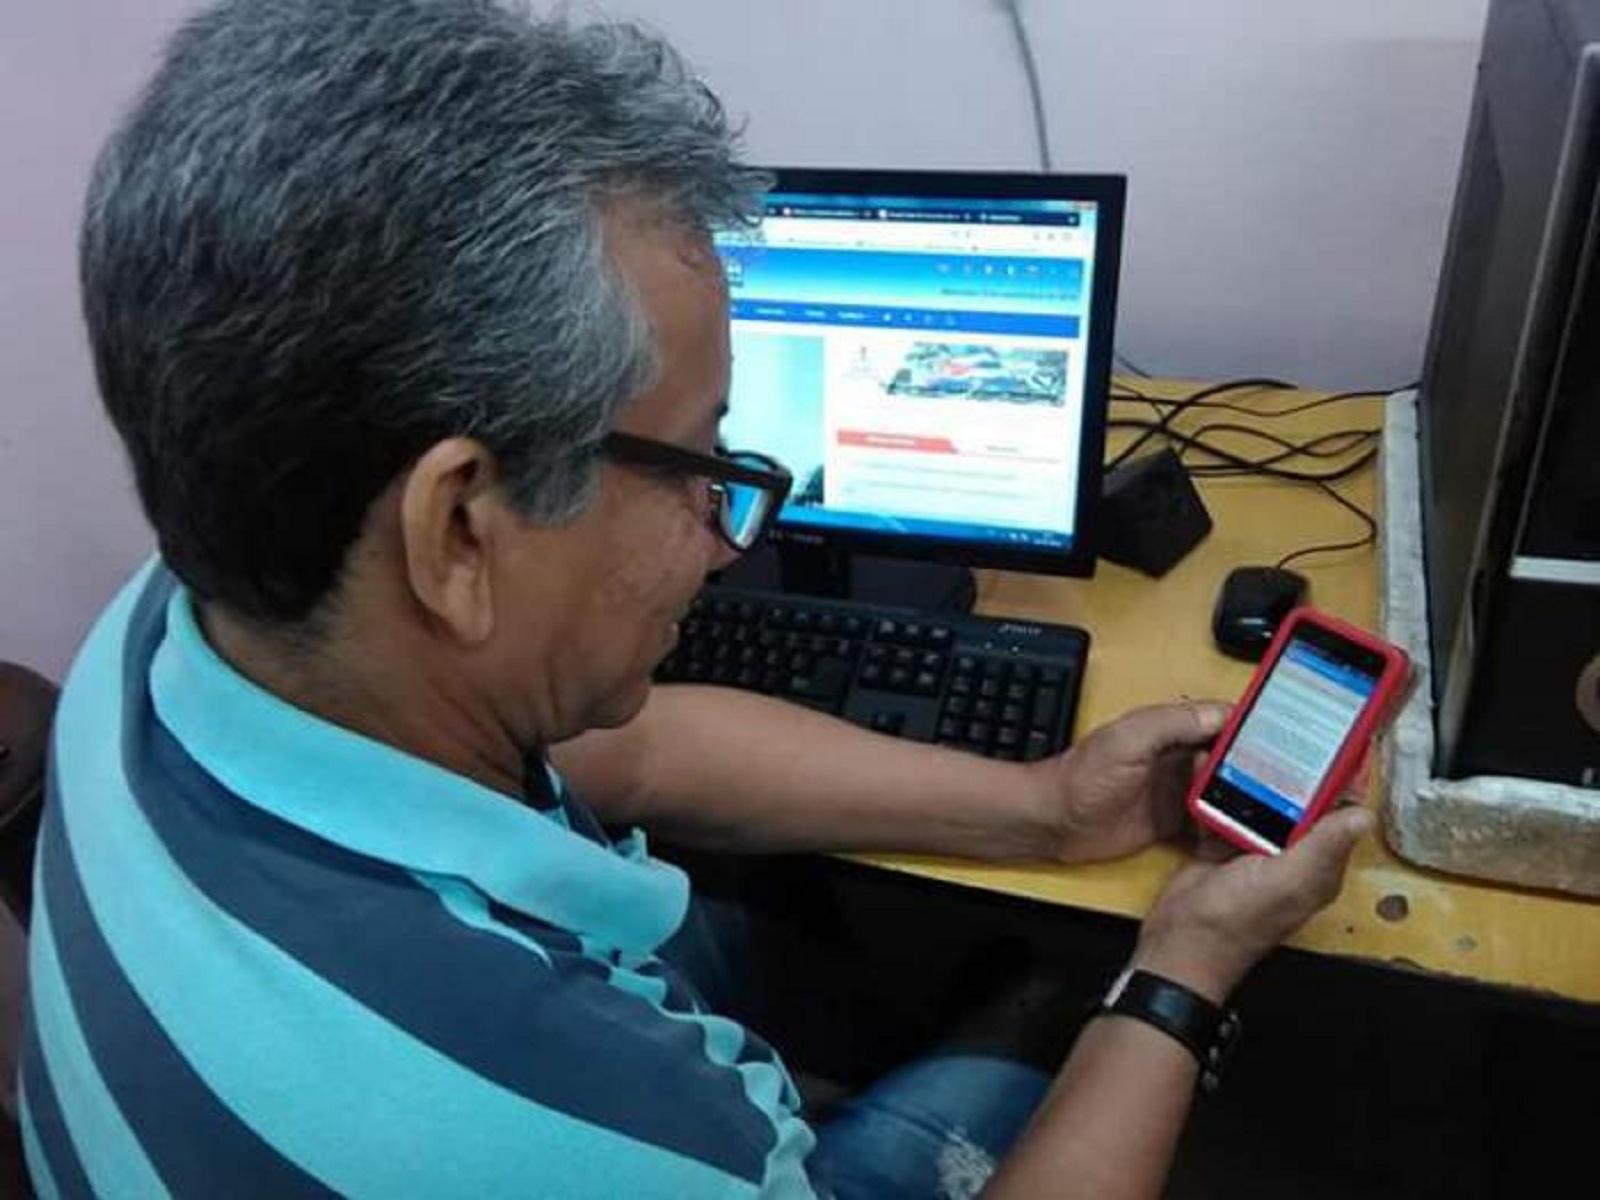 Las apk pueden facilitar mucho la gestión de información pública Foto: Ventura de Jesús García